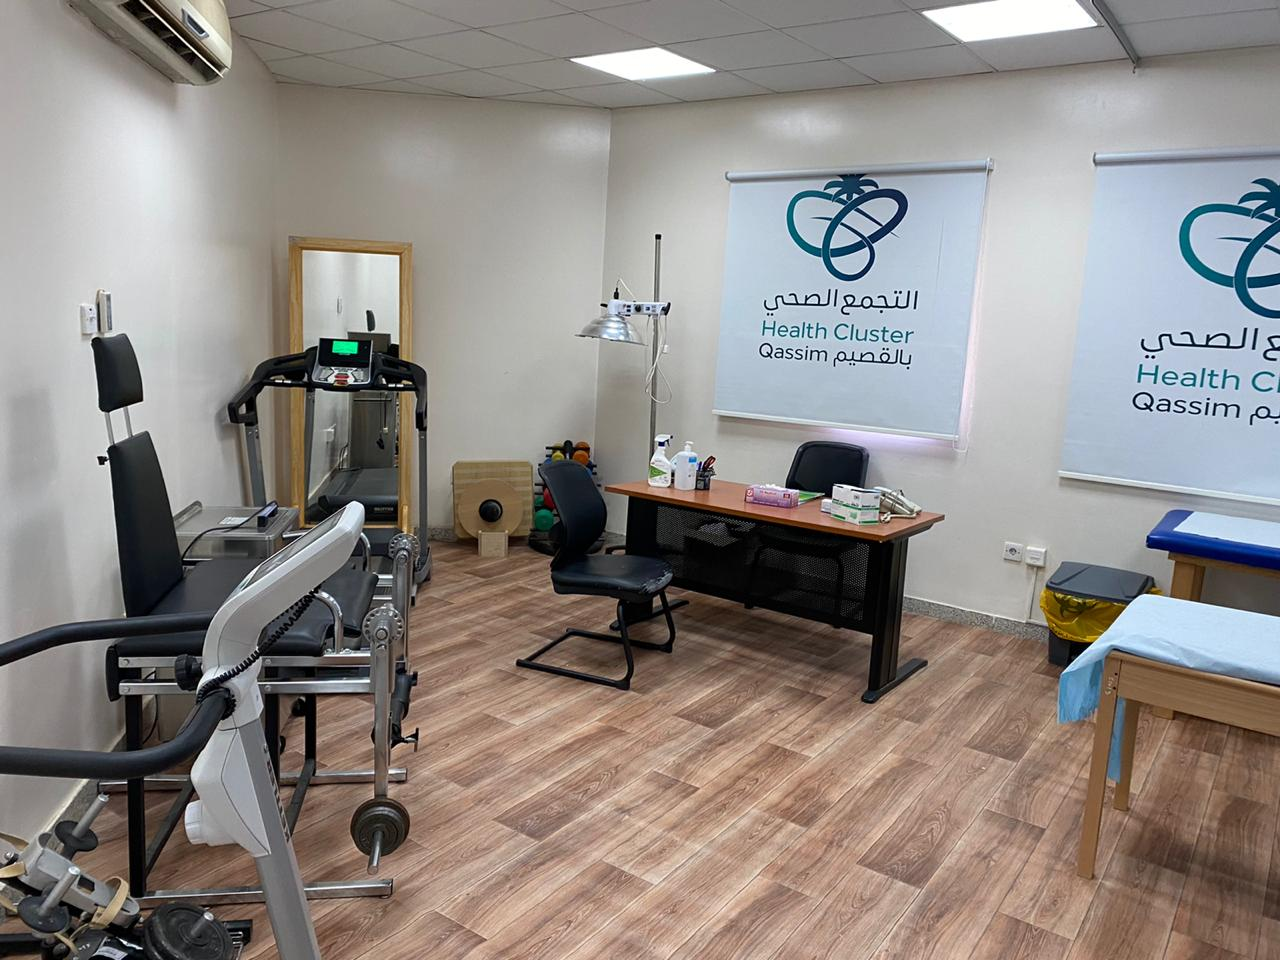 التجمع الصحي بالقصيم يعلن تشغيل عيادة العلاج الطبيعي بمركز صحي السادة